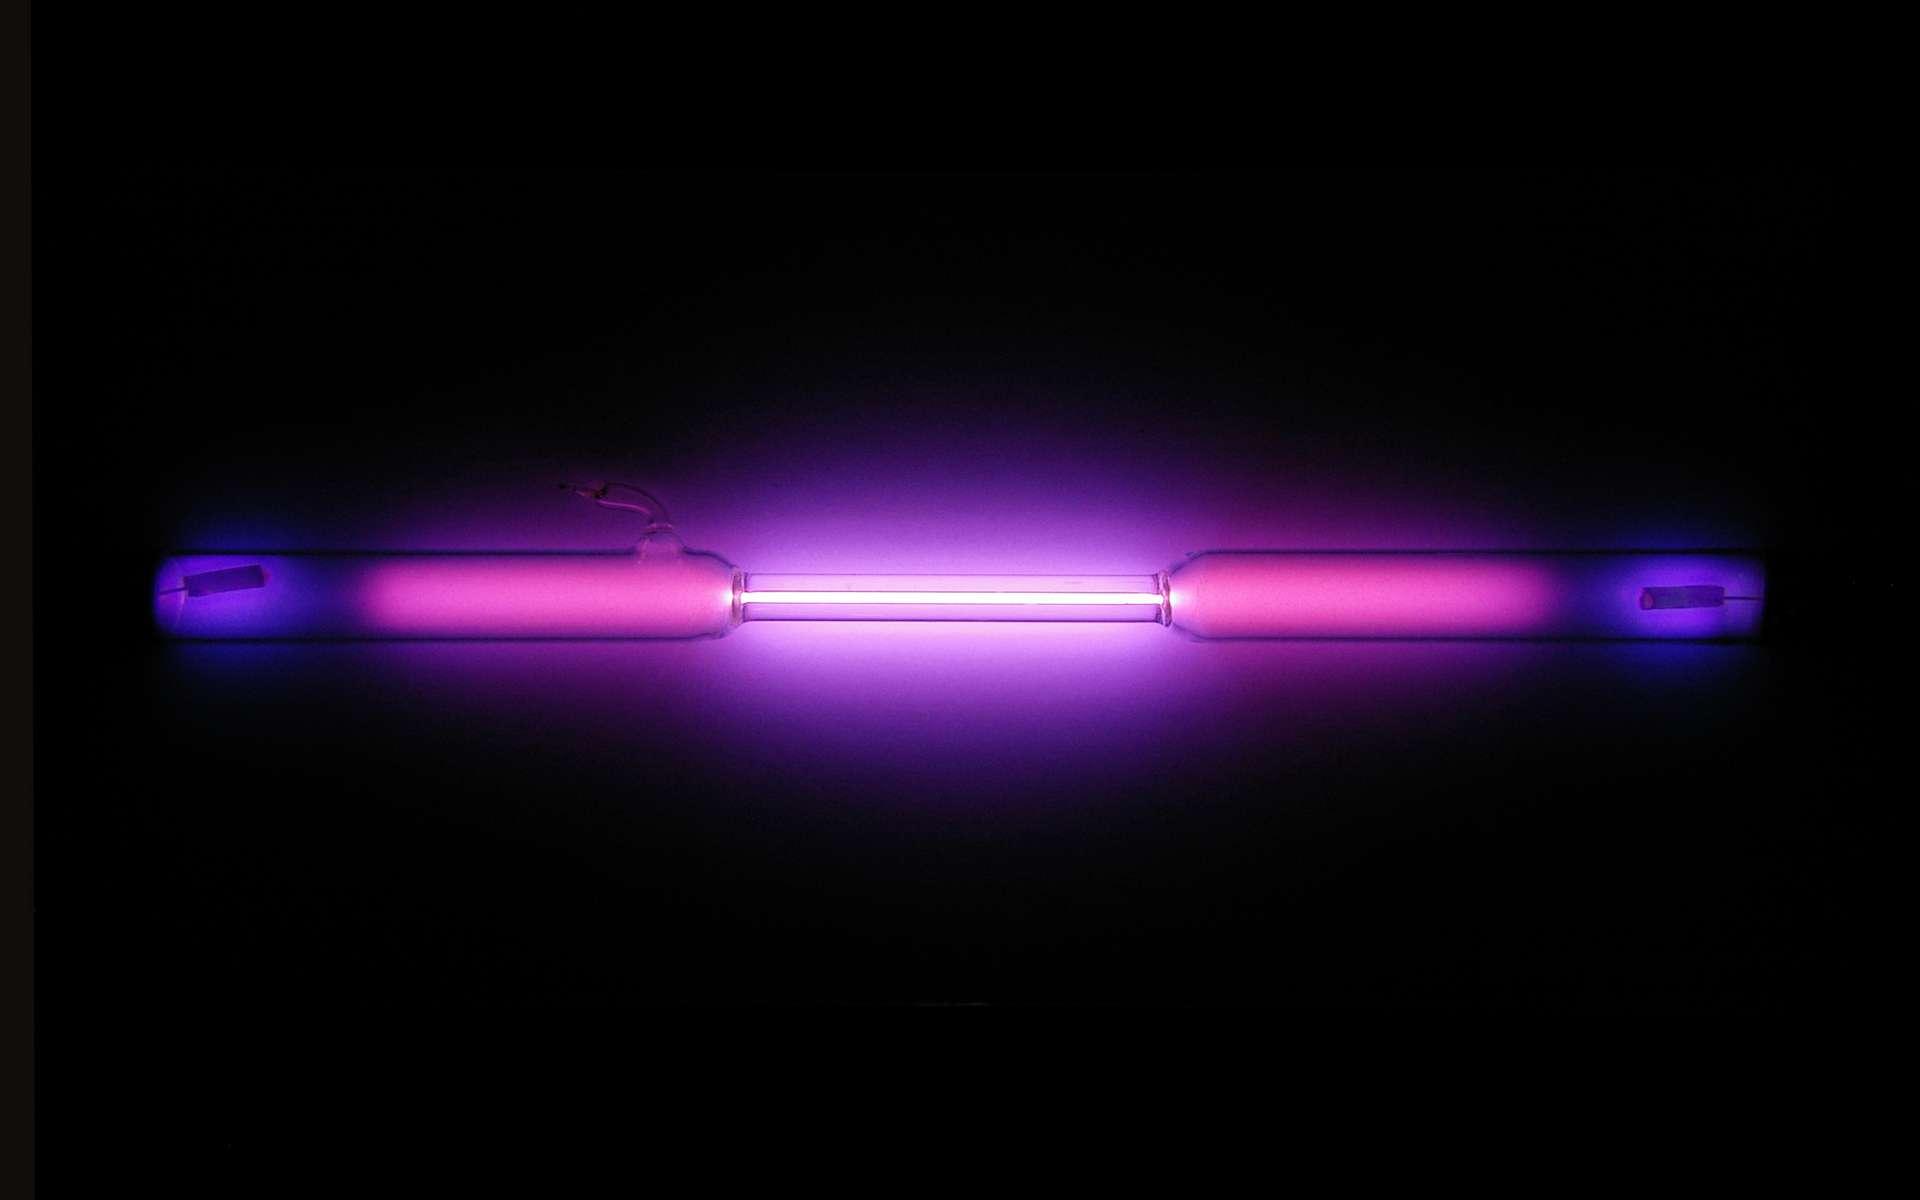 L'argon est un gaz rare incolore. Il prend cependant une lueur violette lorsqu'il est placé dans une lampe à décharge et traversé par un courant électrique. © Alchemist-hp, Wikimedia Commons, CC by-nc-nd 3.0